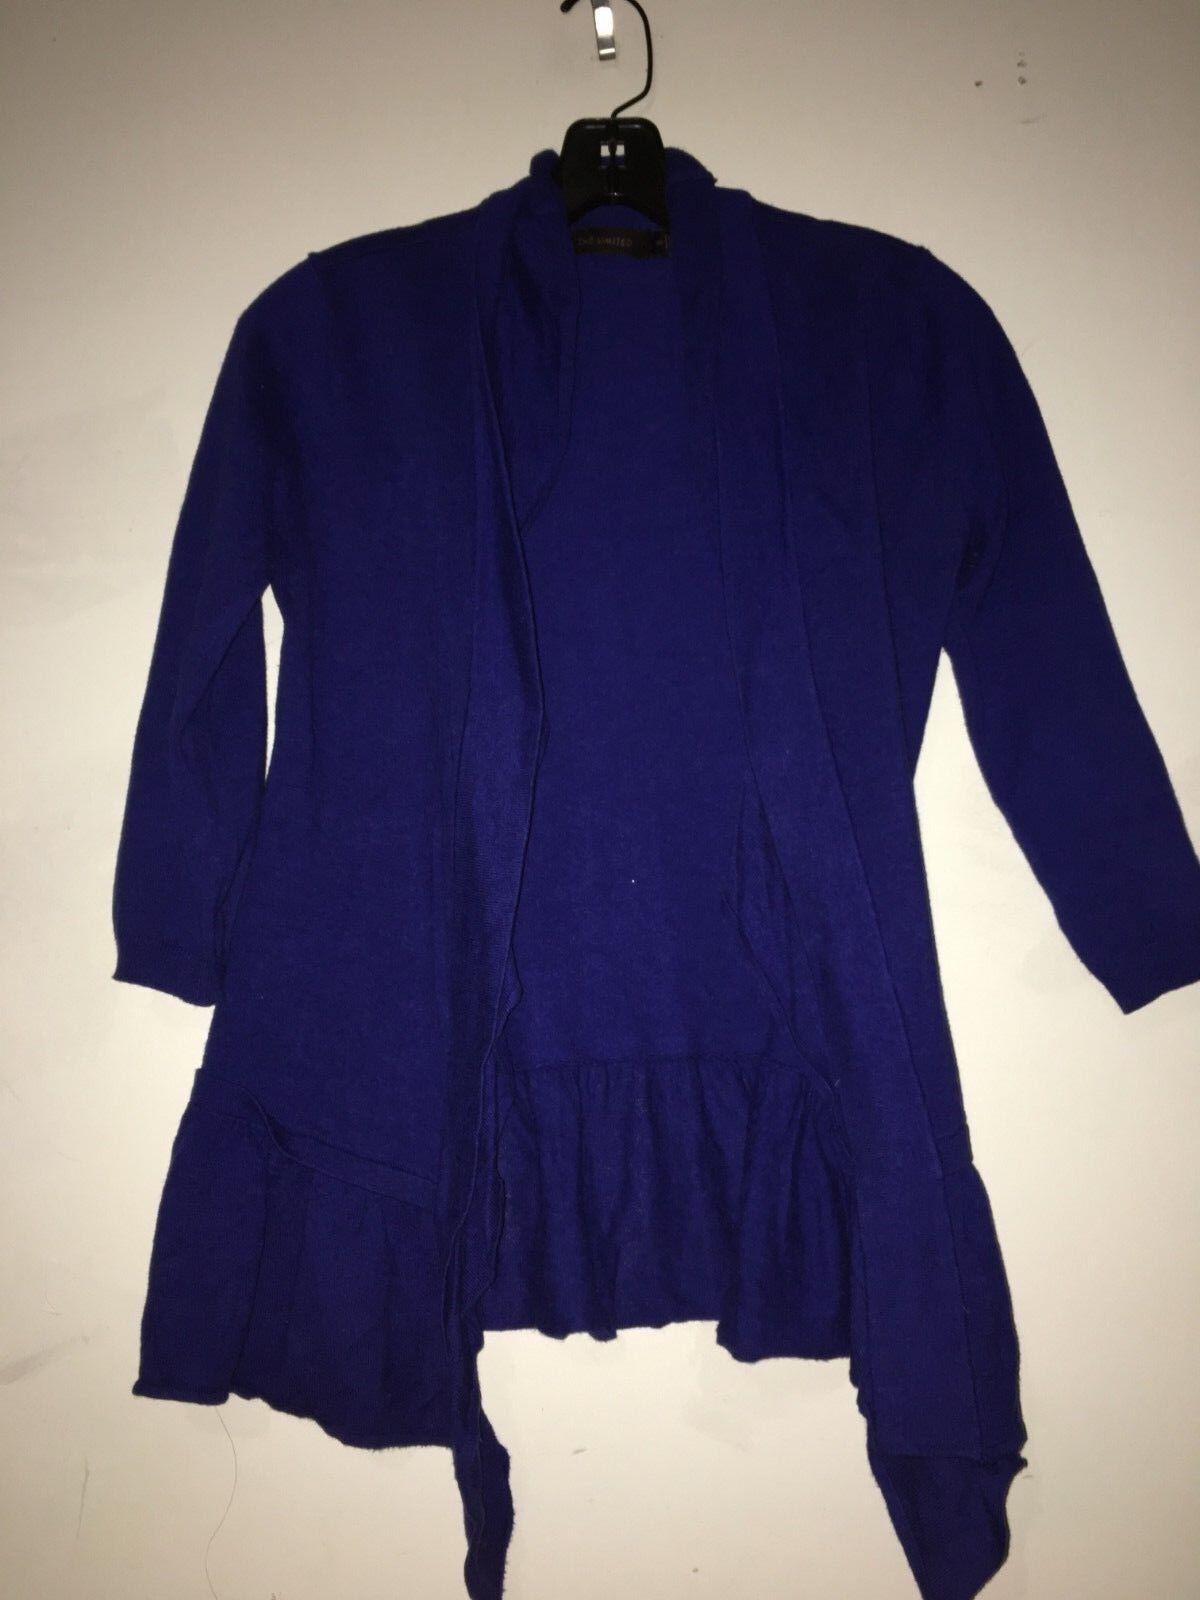 The Limited Royal bluee Size XS Ruffle Stylish Modern Cardigan Sweater Women